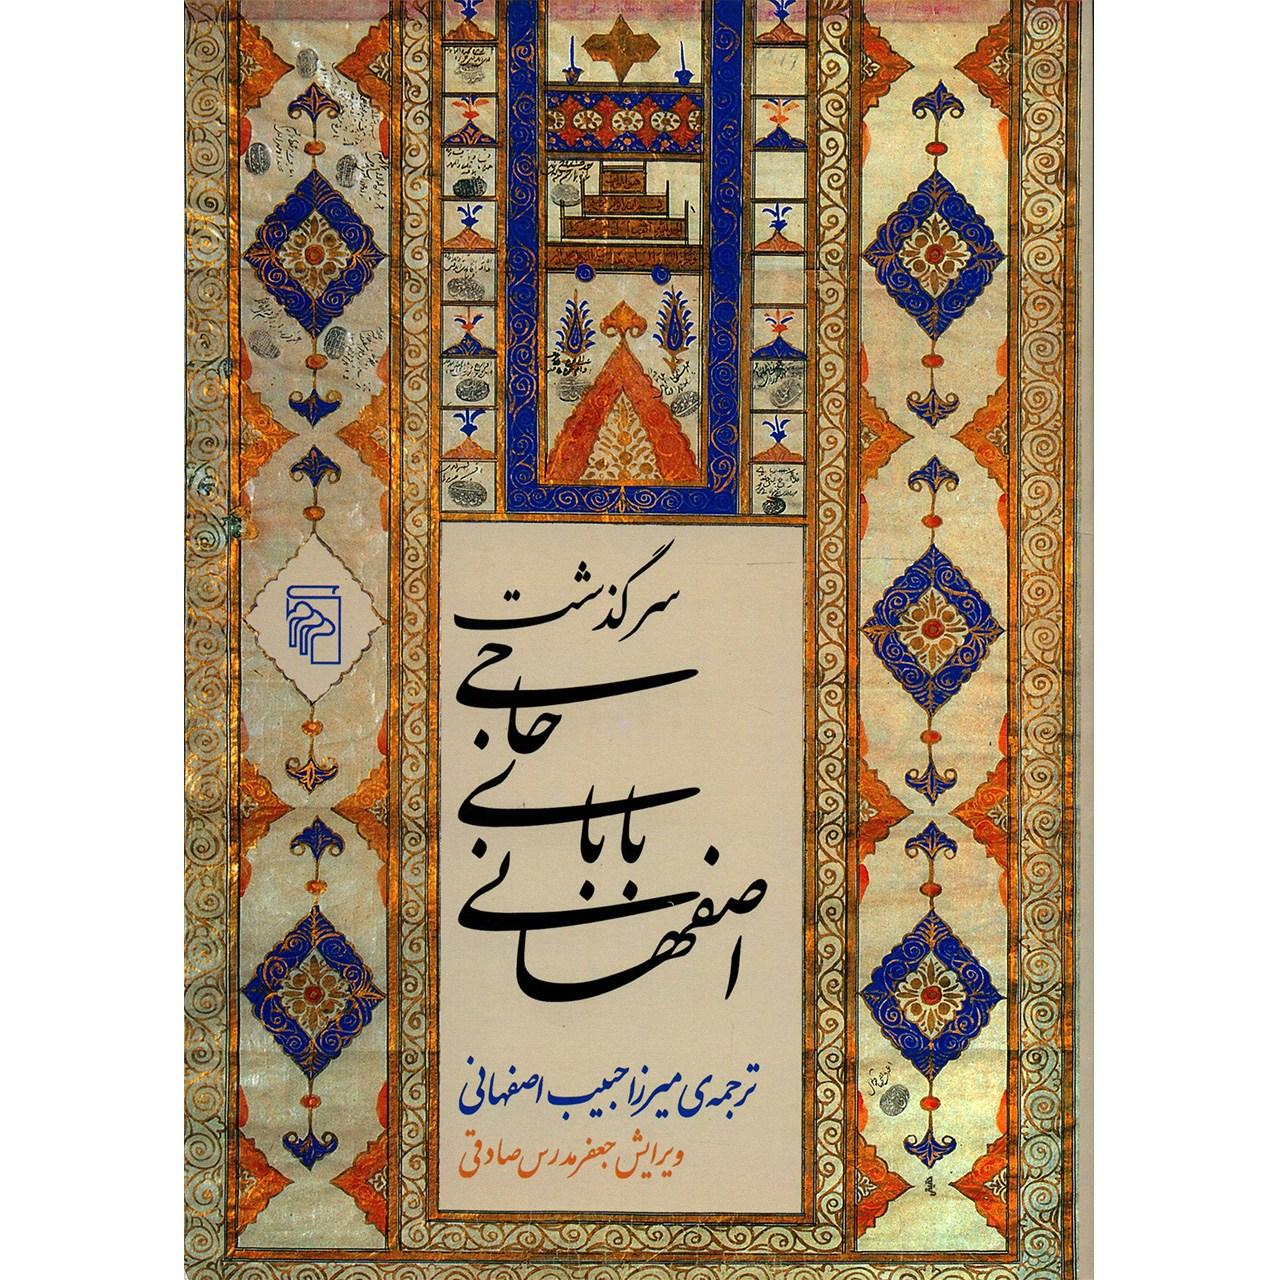 خرید                      کتاب سرگذشت حاجی بابای اصفهانی اثر جیمز موریه